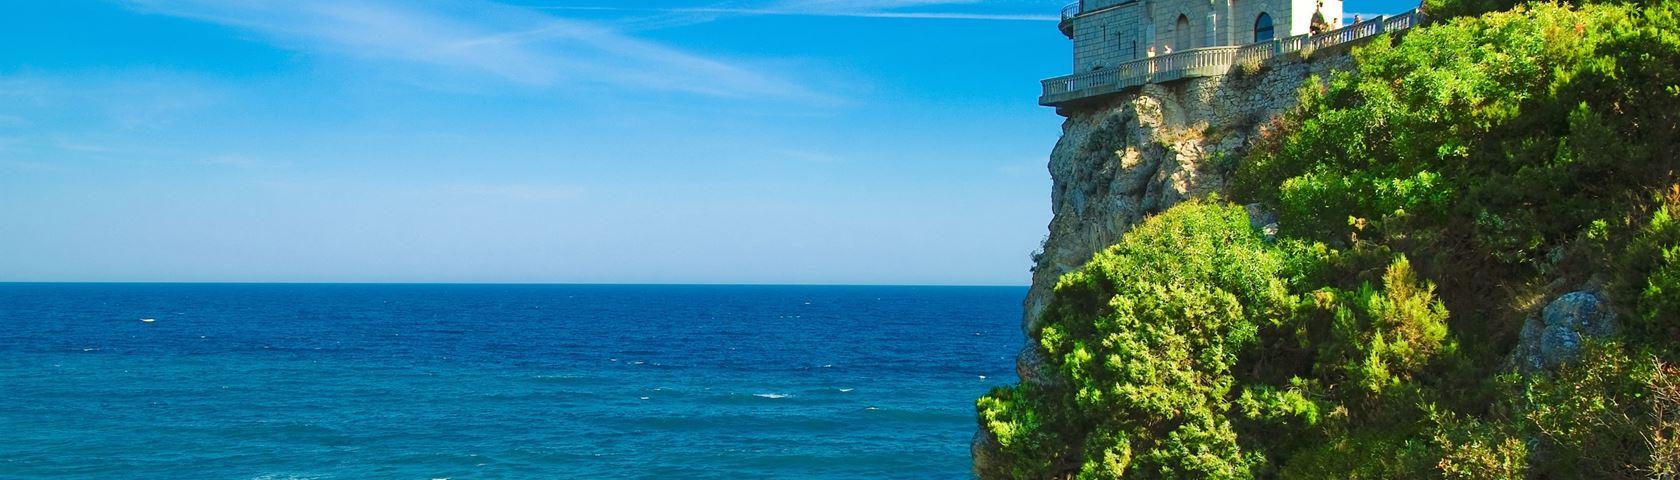 Cliff Top Castle